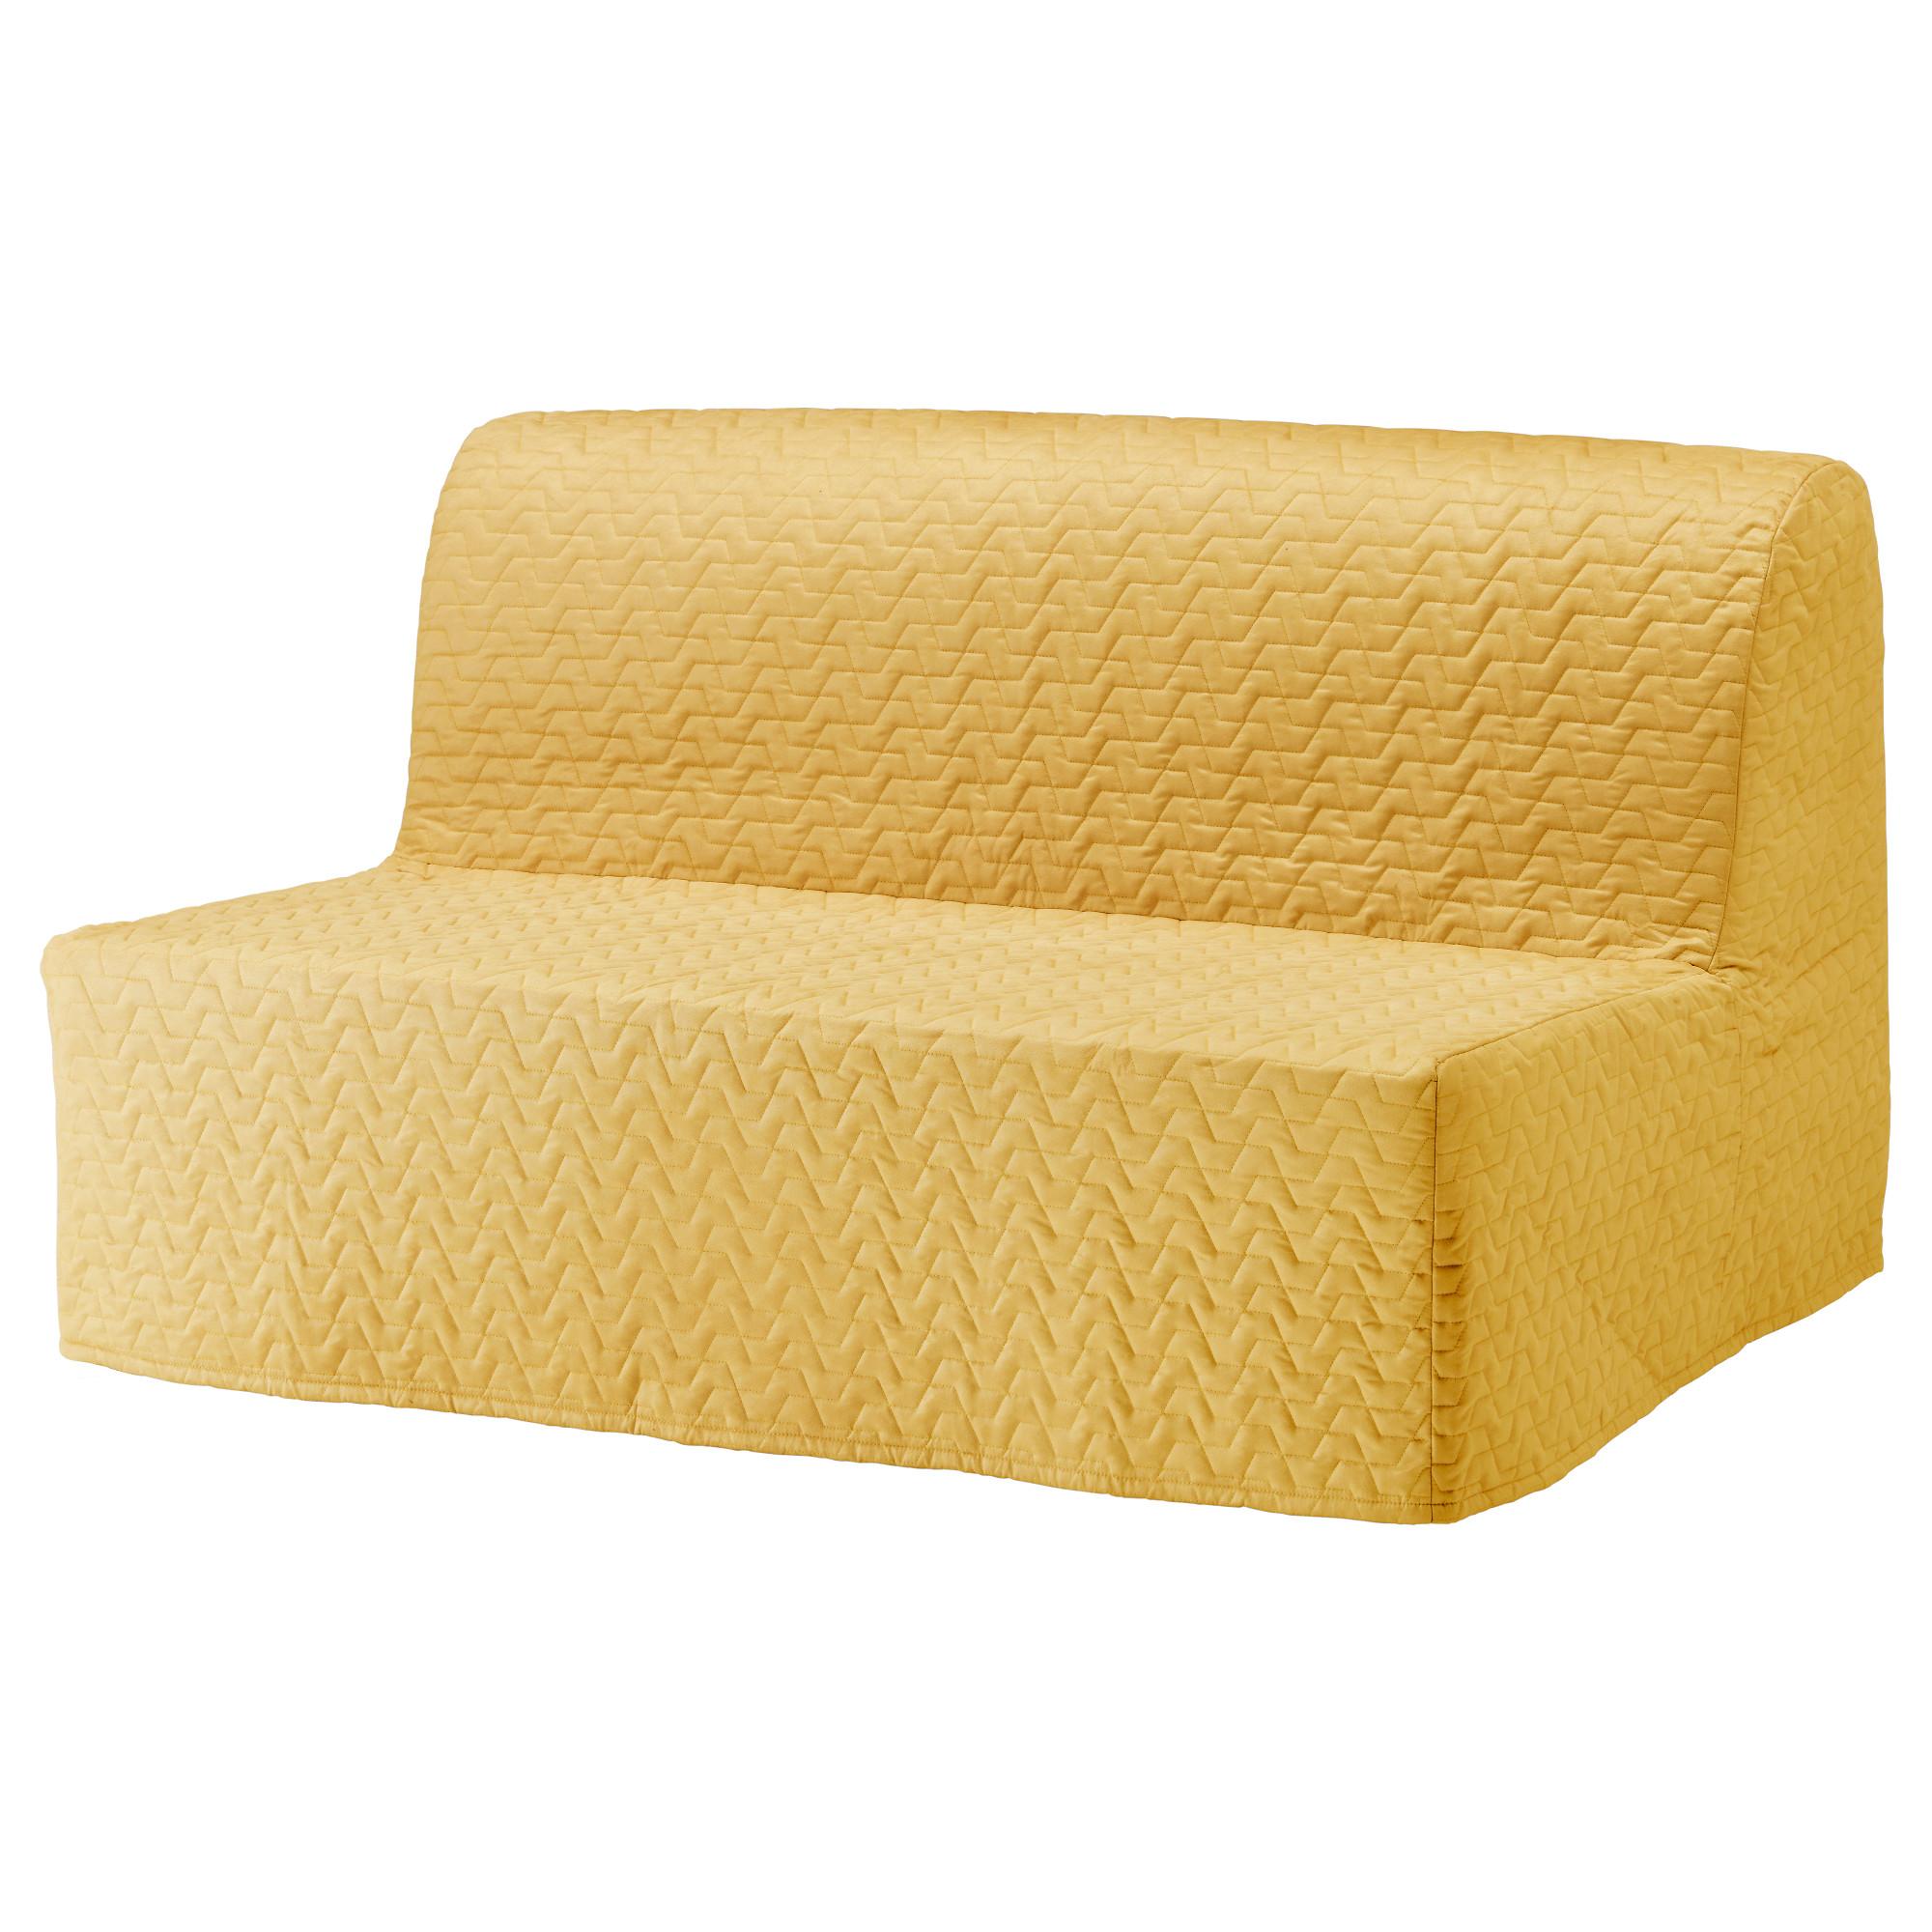 2-местный диван-кровать ЛИКСЕЛЕ ХОВЕТ желтый артикуль № 892.824.16 в наличии. Online магазин IKEA Минск. Быстрая доставка и установка.